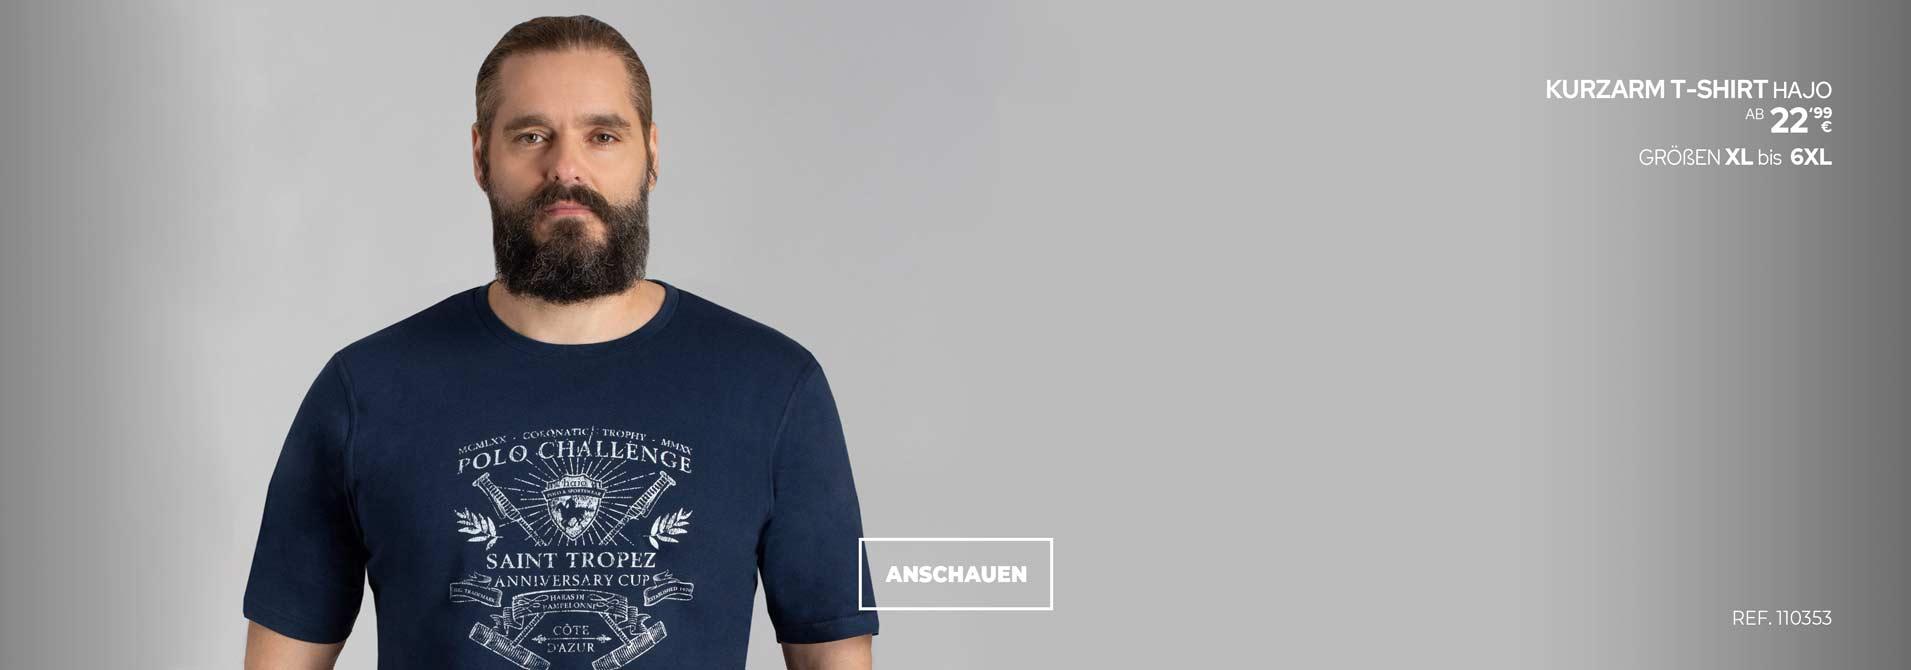 Übergrößen T-shirt von Hajo